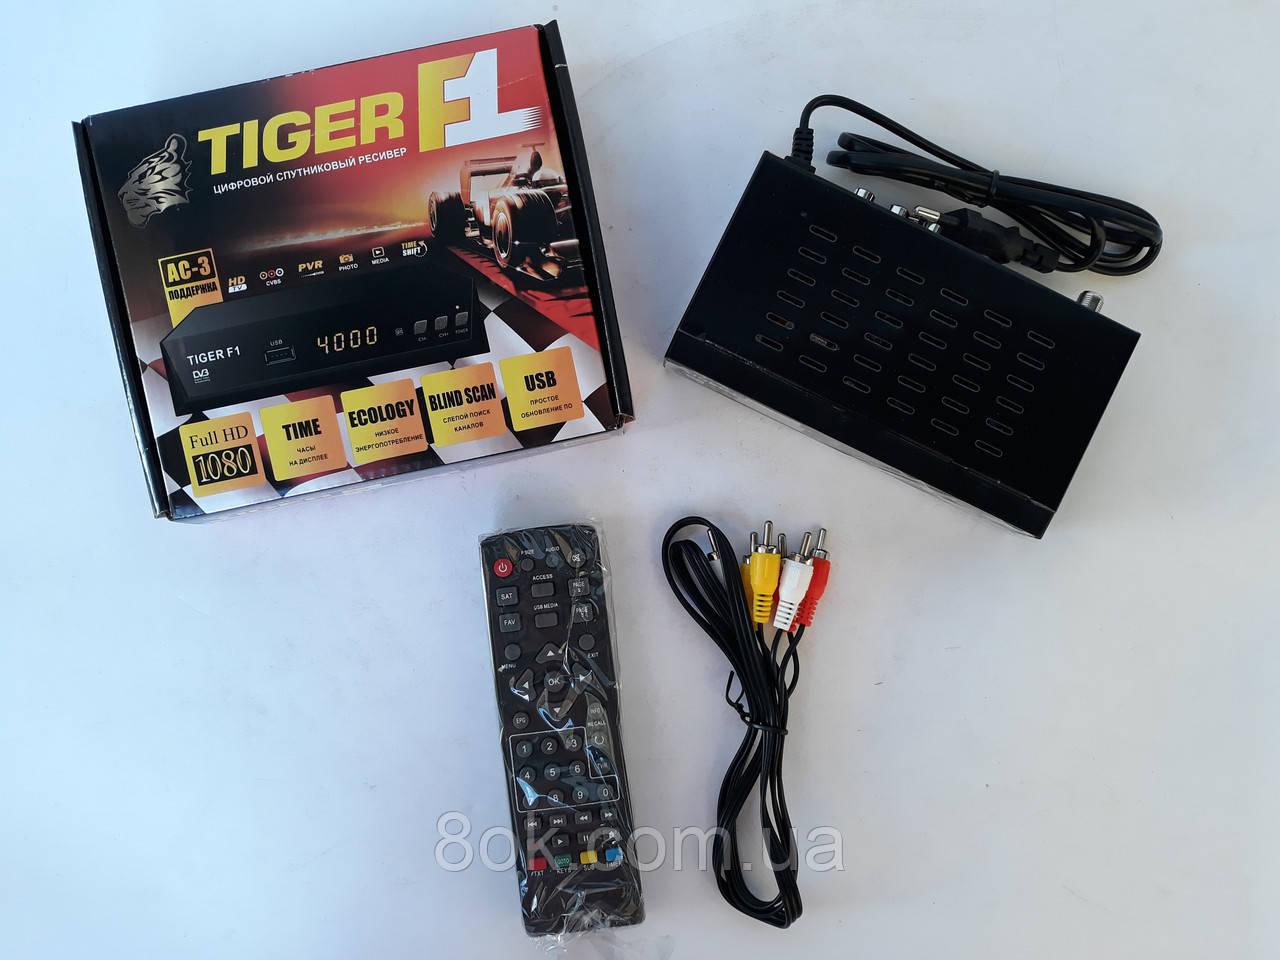 Супутниковий ресивер тюнер Tiger F1 1080 HD